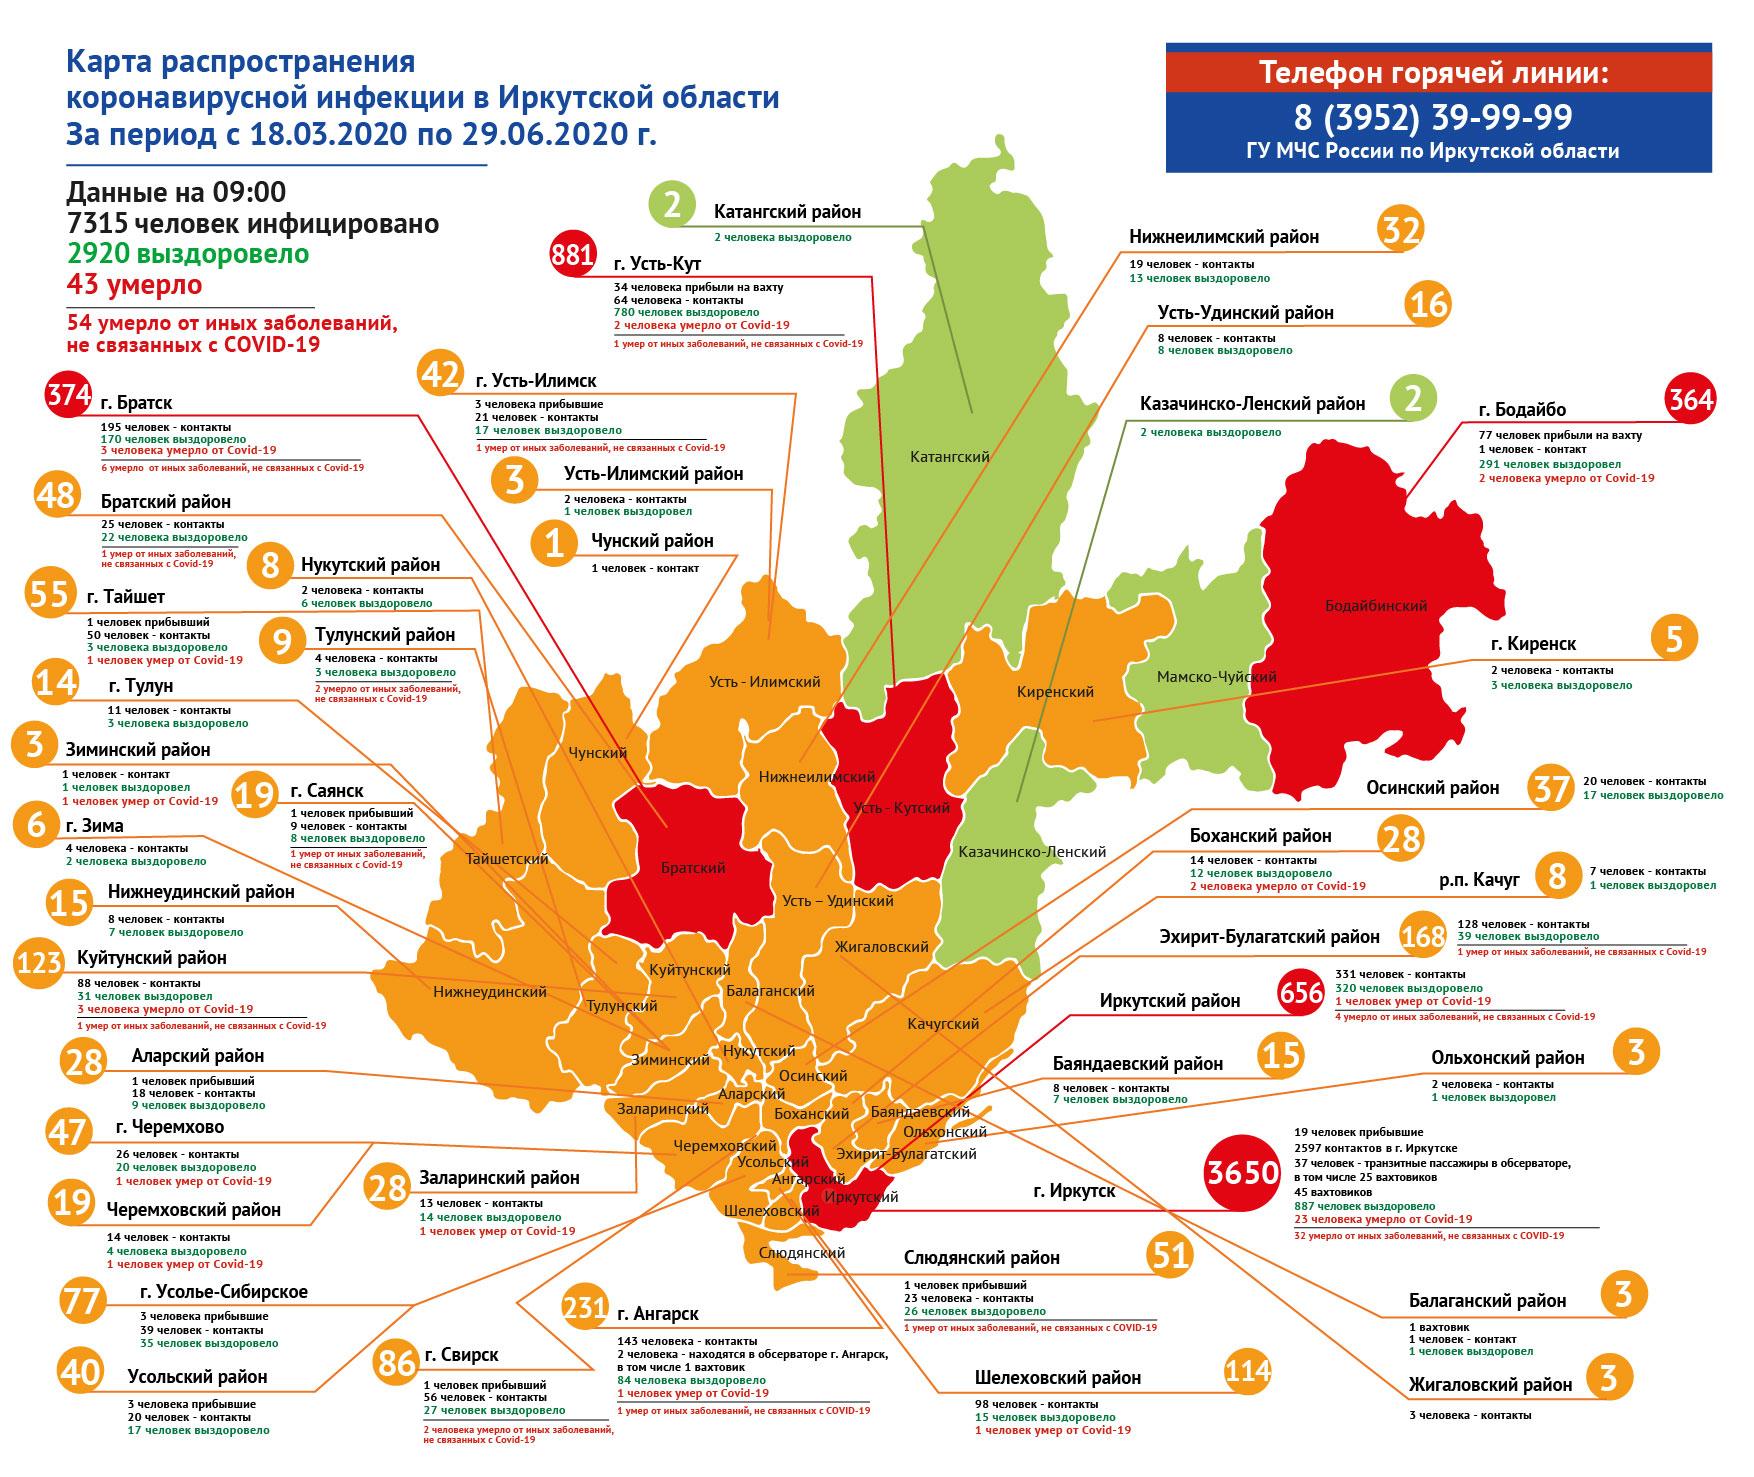 География распространения COVID-19 по области 29 июня 2020 года